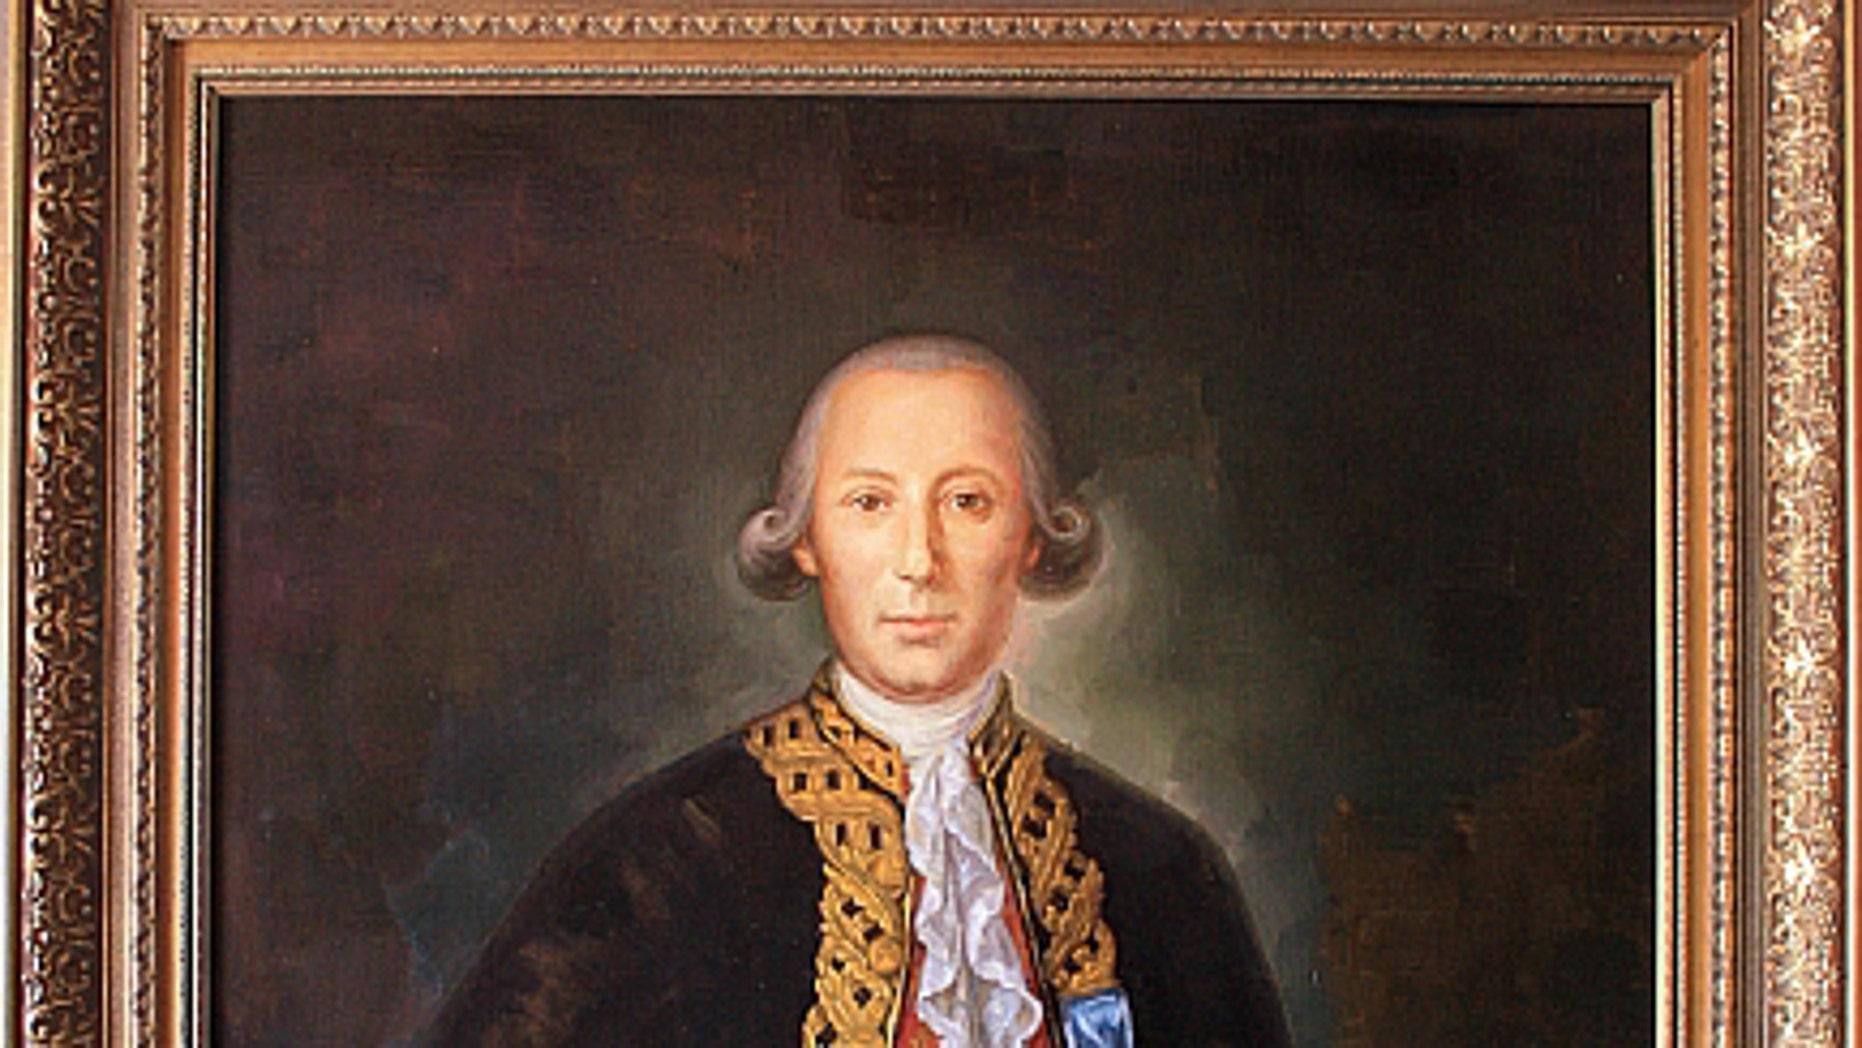 Spanish-born Revolutionary War hero Bernardo de Galvez.